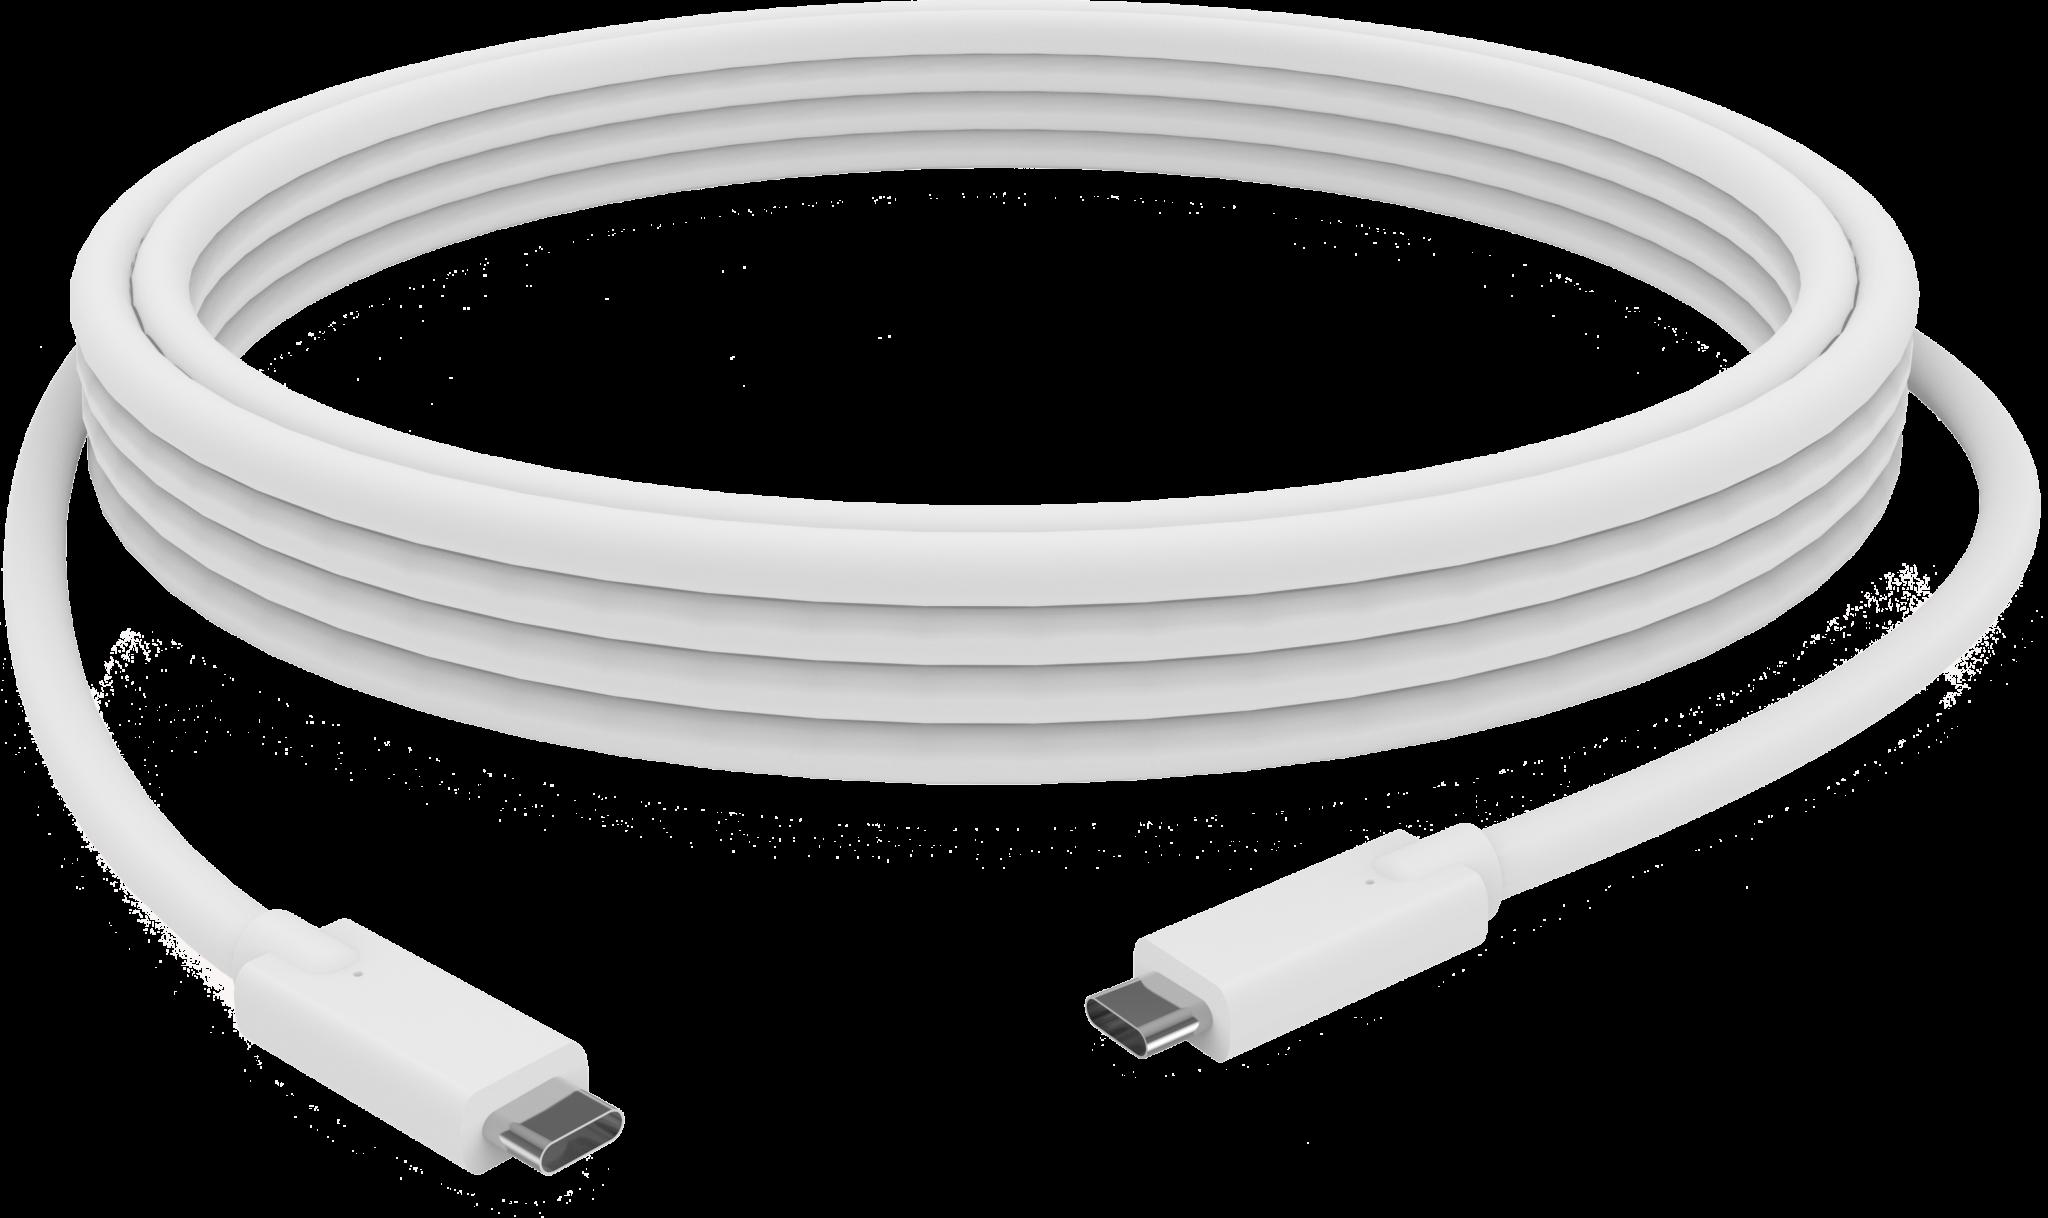 Großzügig 30 Amp 220v Kabel Bilder - Die Besten Elektrischen ...